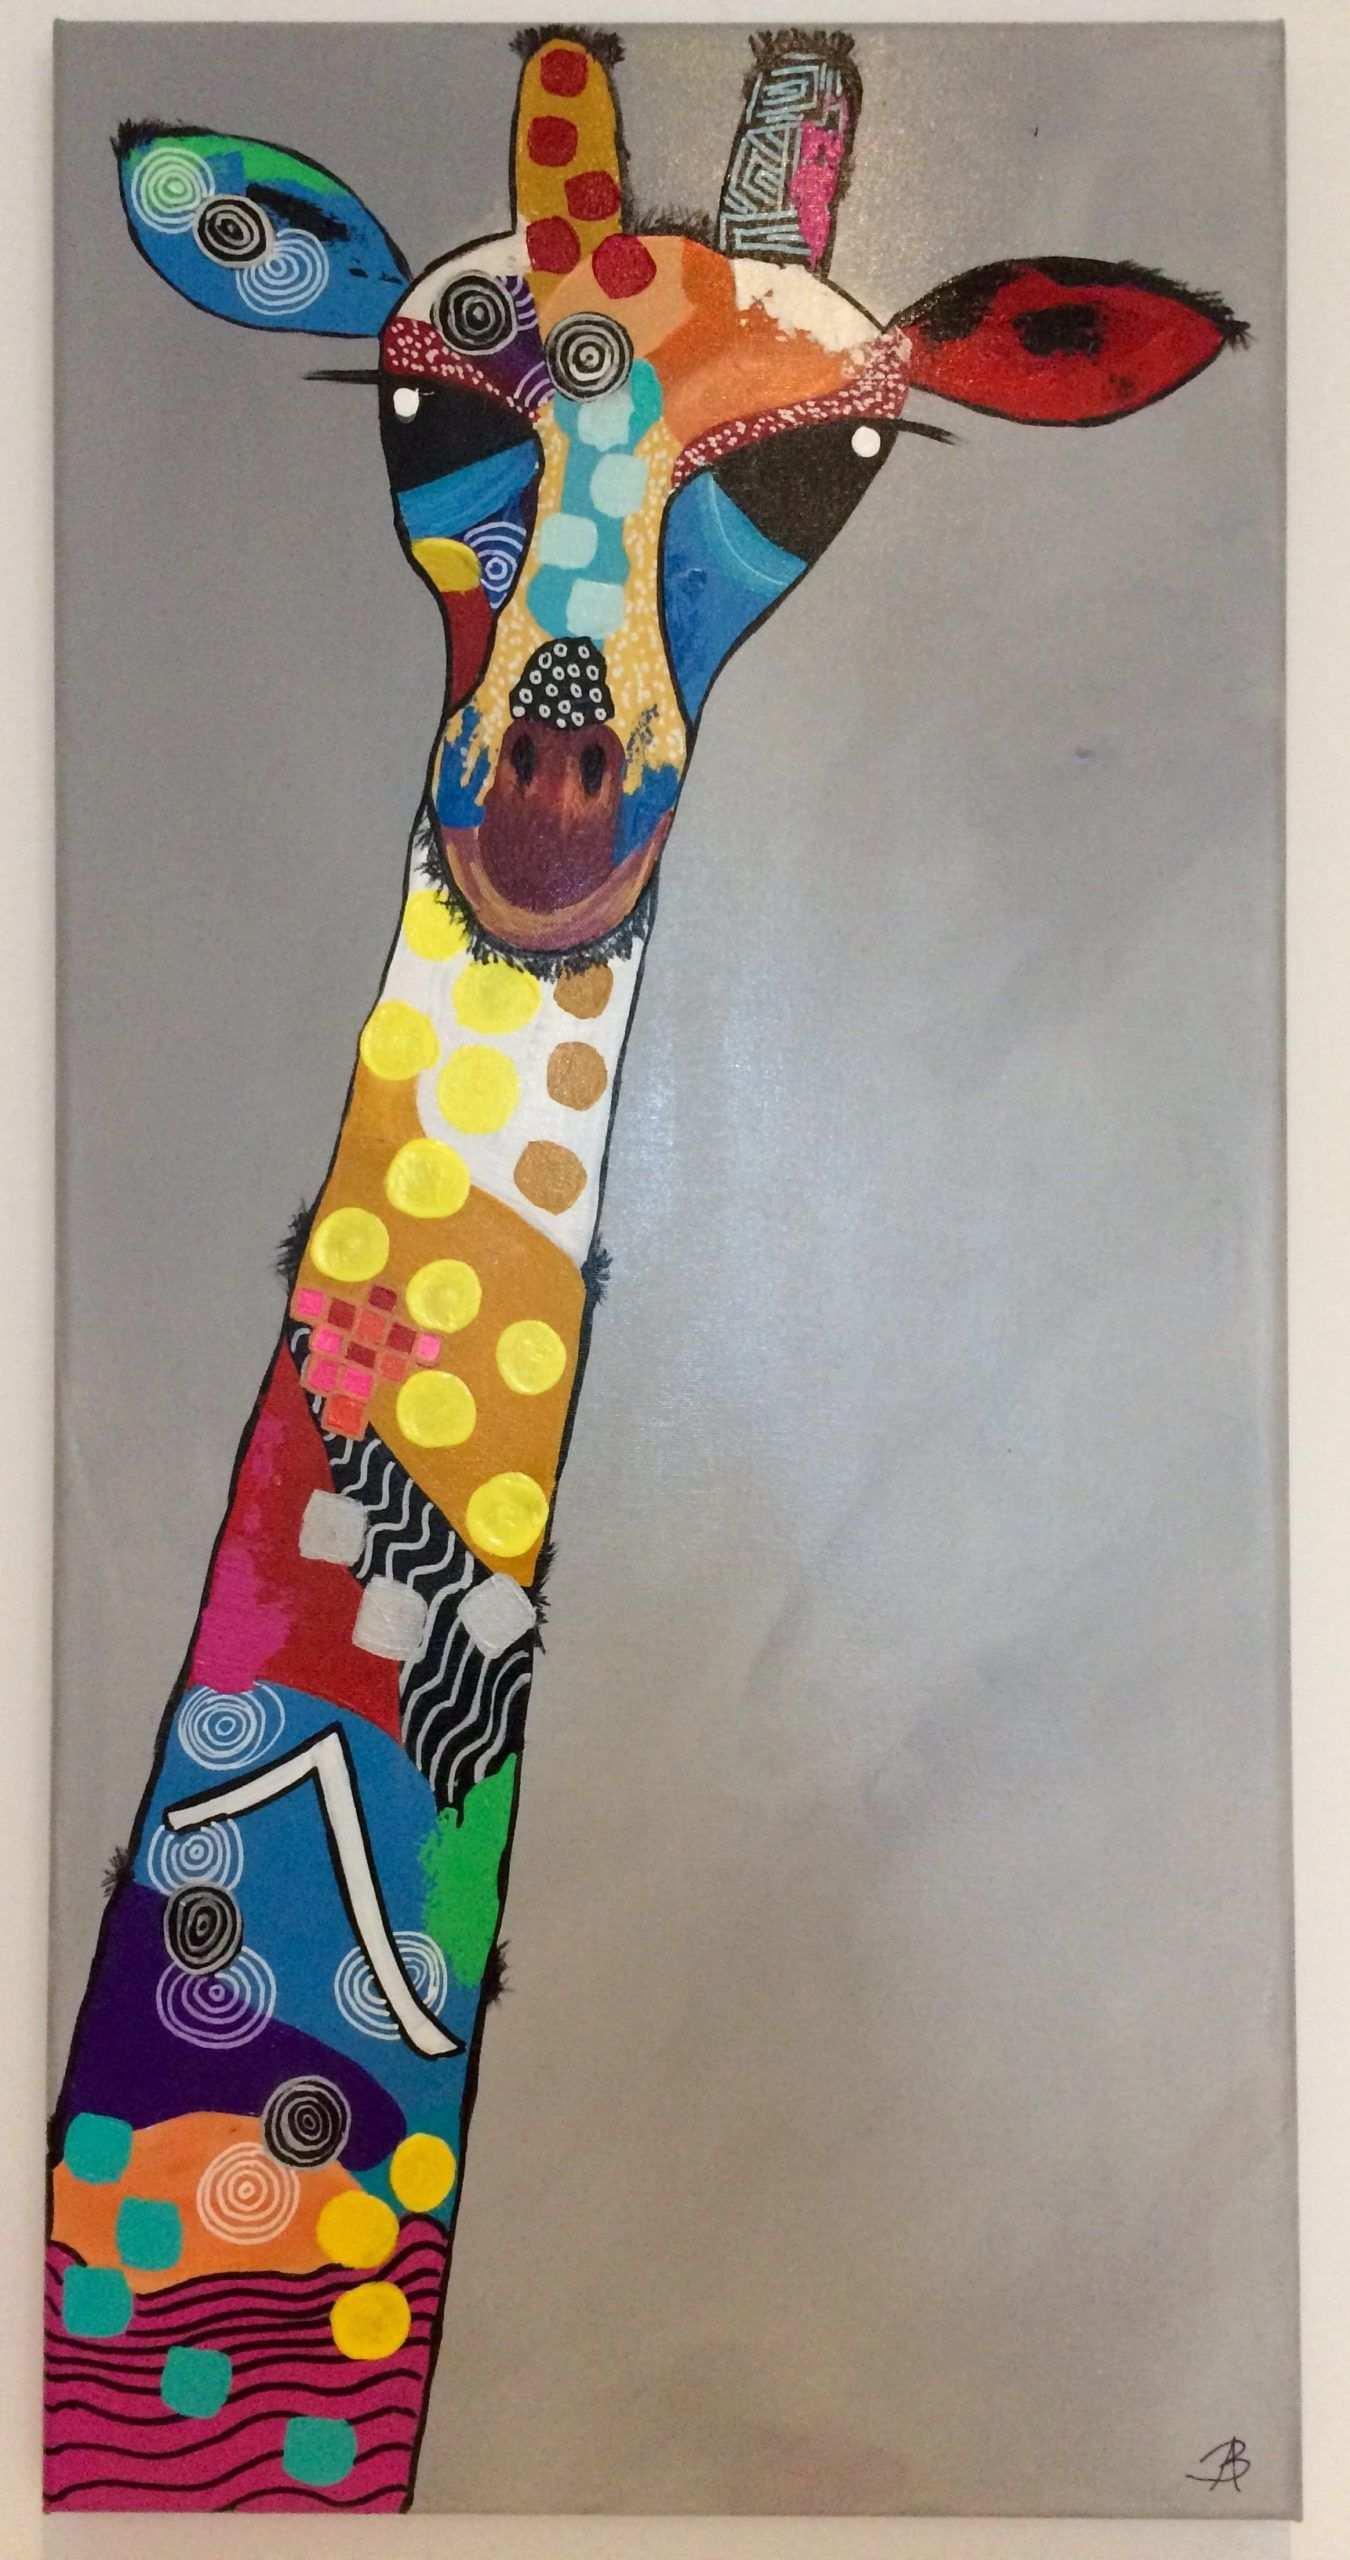 Girafa Acrylmalerei Mit Gemischter Technik Von Bego Ayala In 2020 Malerei Acrylmalerei Kunstquilt